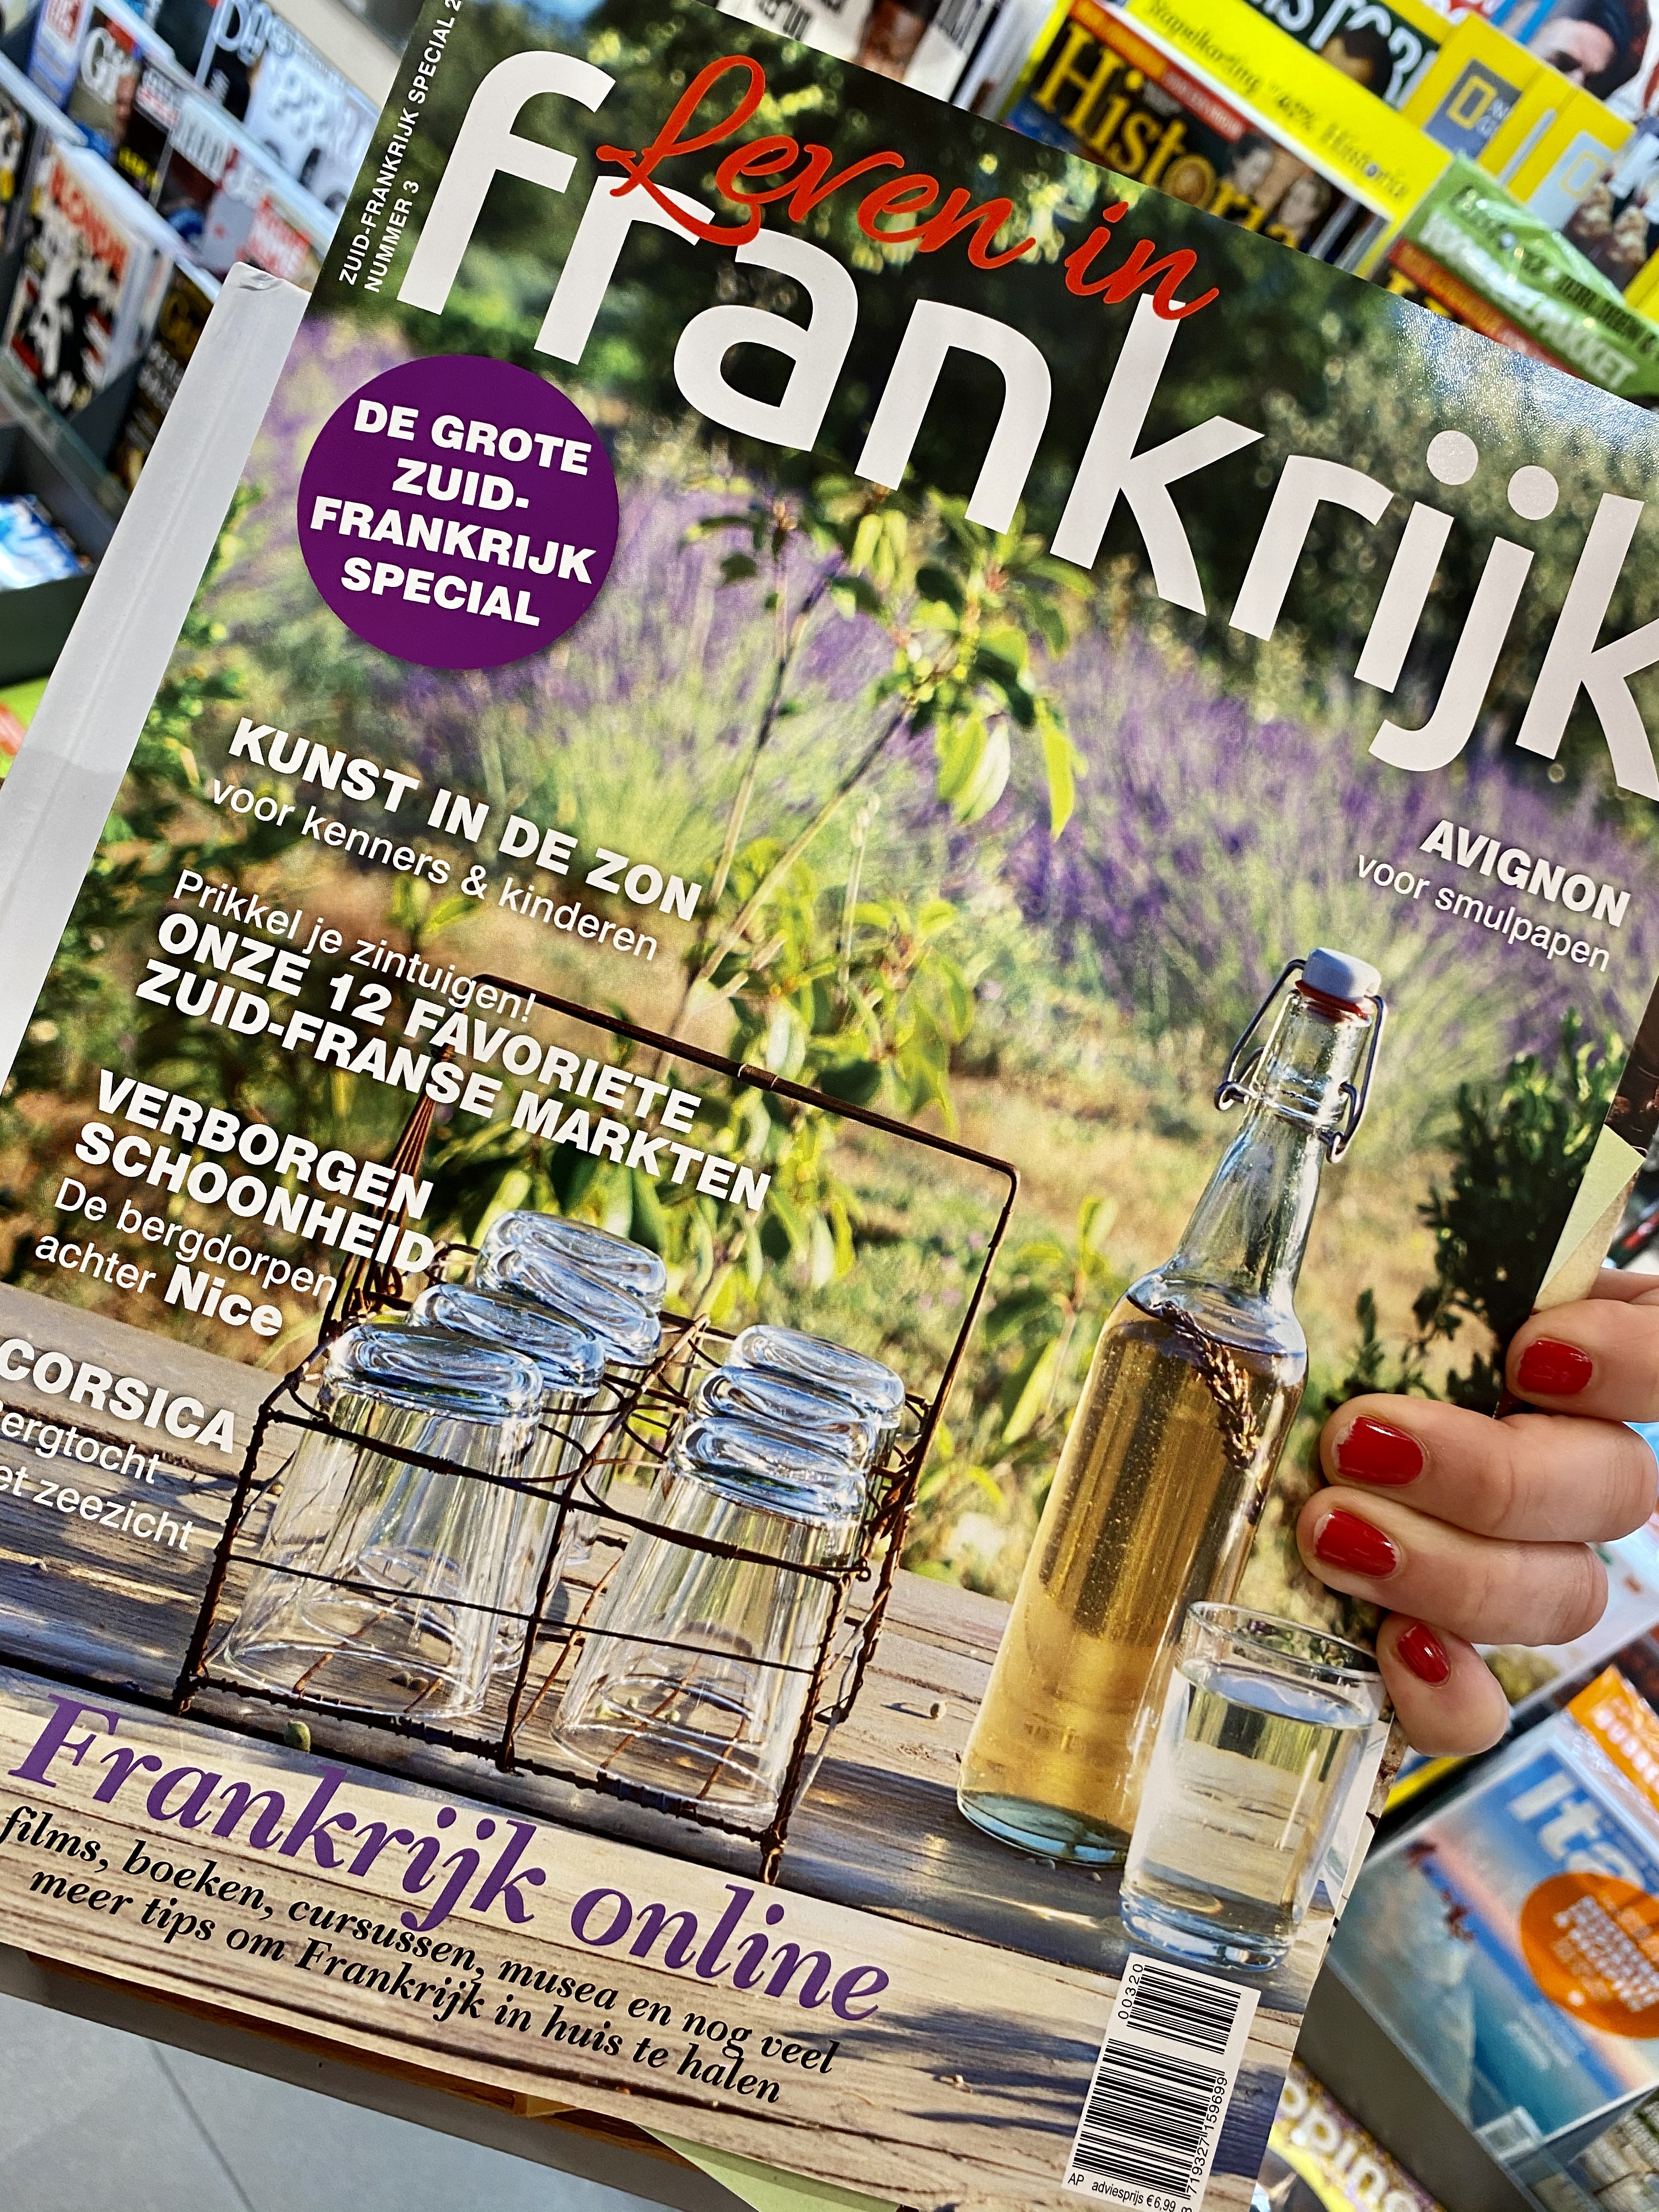 frankrijk, joie de vijver, vive la vie